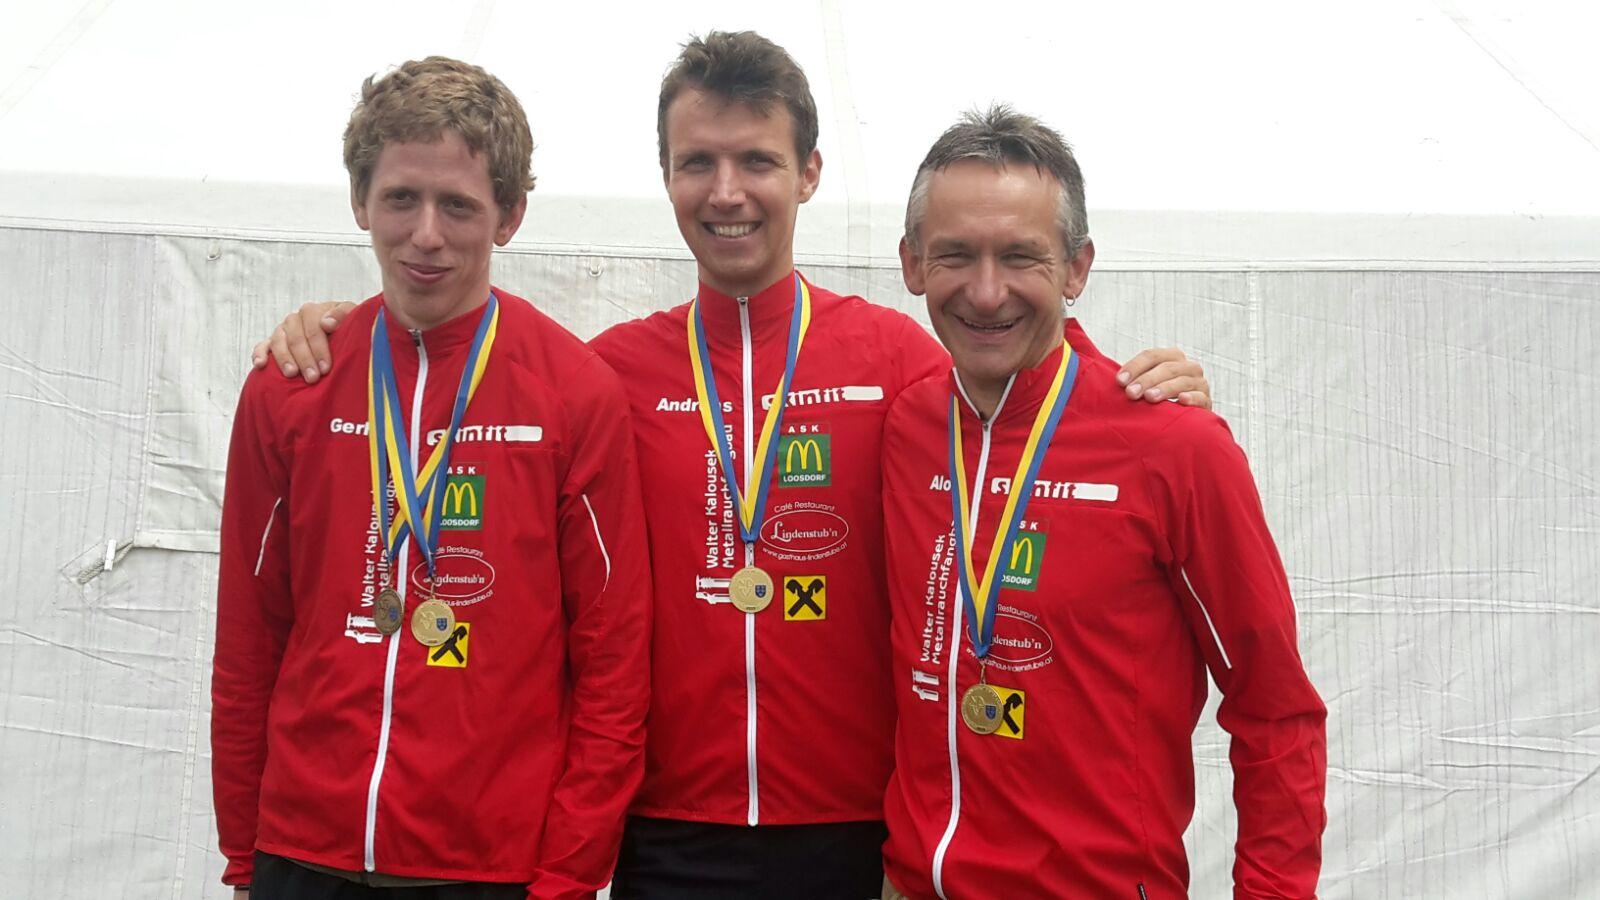 vlnr.: Gerhard (Gesamtdritter), Andreas (Gesamtzehnter) und Alois (Gesamterster)